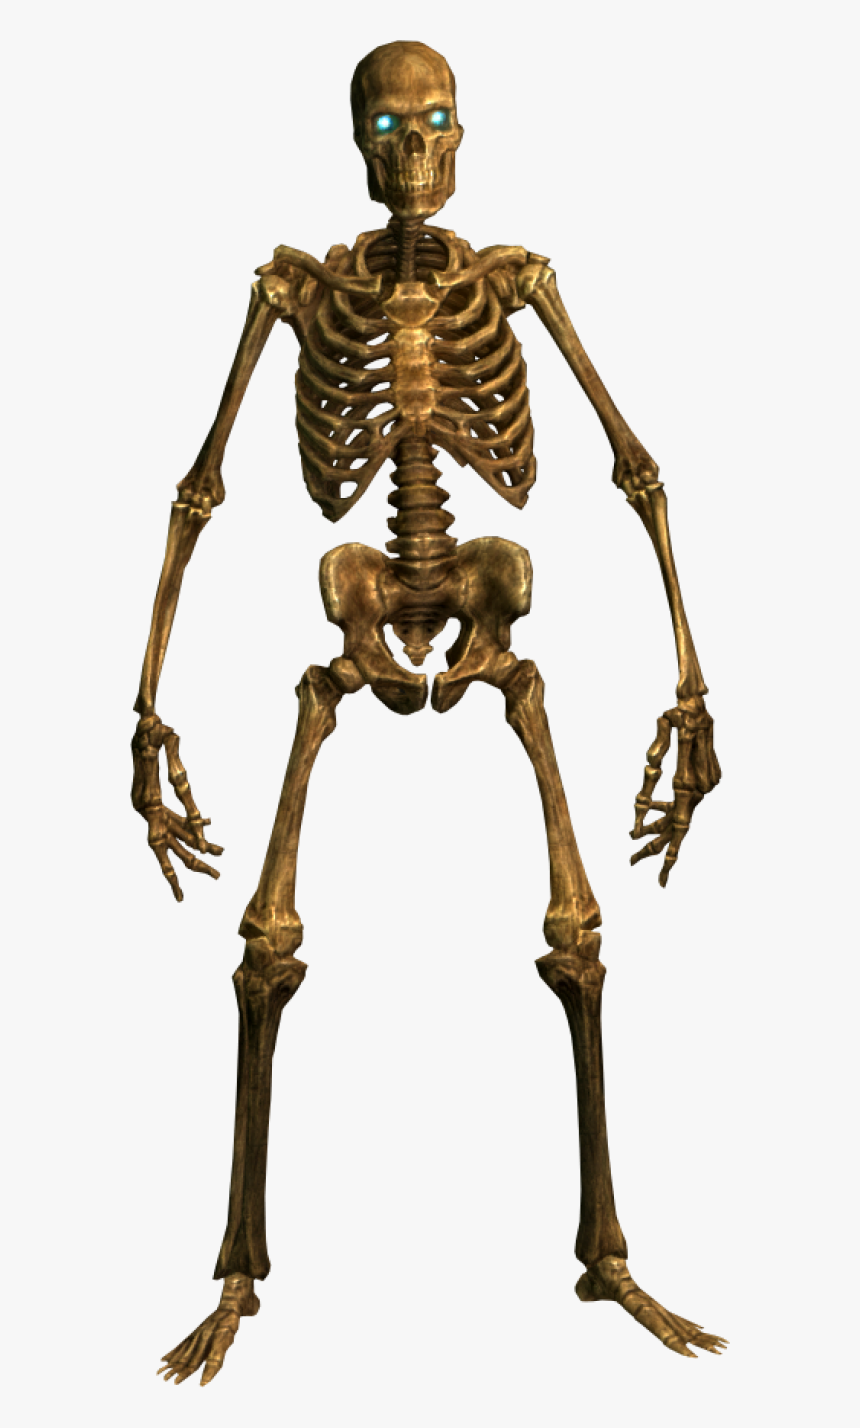 Skeleton Human Png Png Images - Skeleton Png, Transparent Png, Free Download